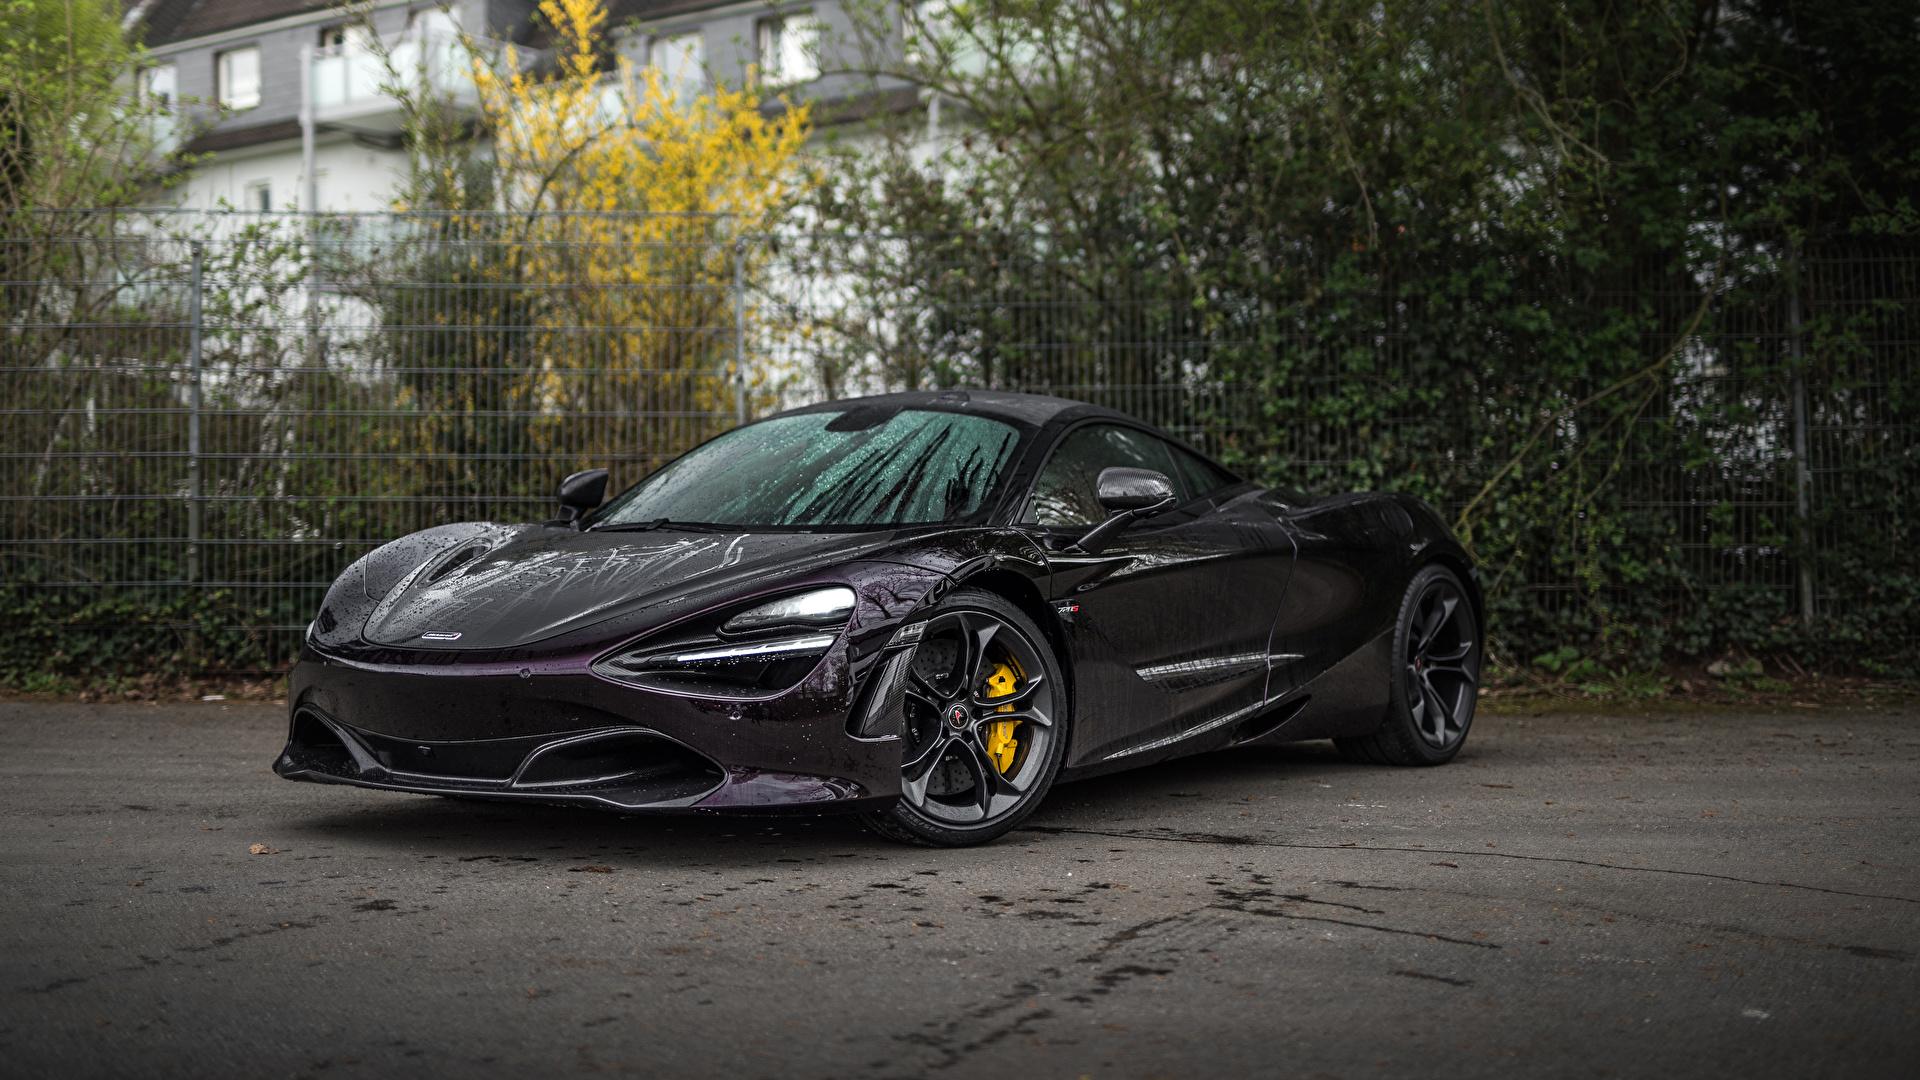 Фотография 2018-20 Manhart McLaren 720S Черный машина Металлик 1920x1080 Макларен черная черные черных авто машины Автомобили автомобиль